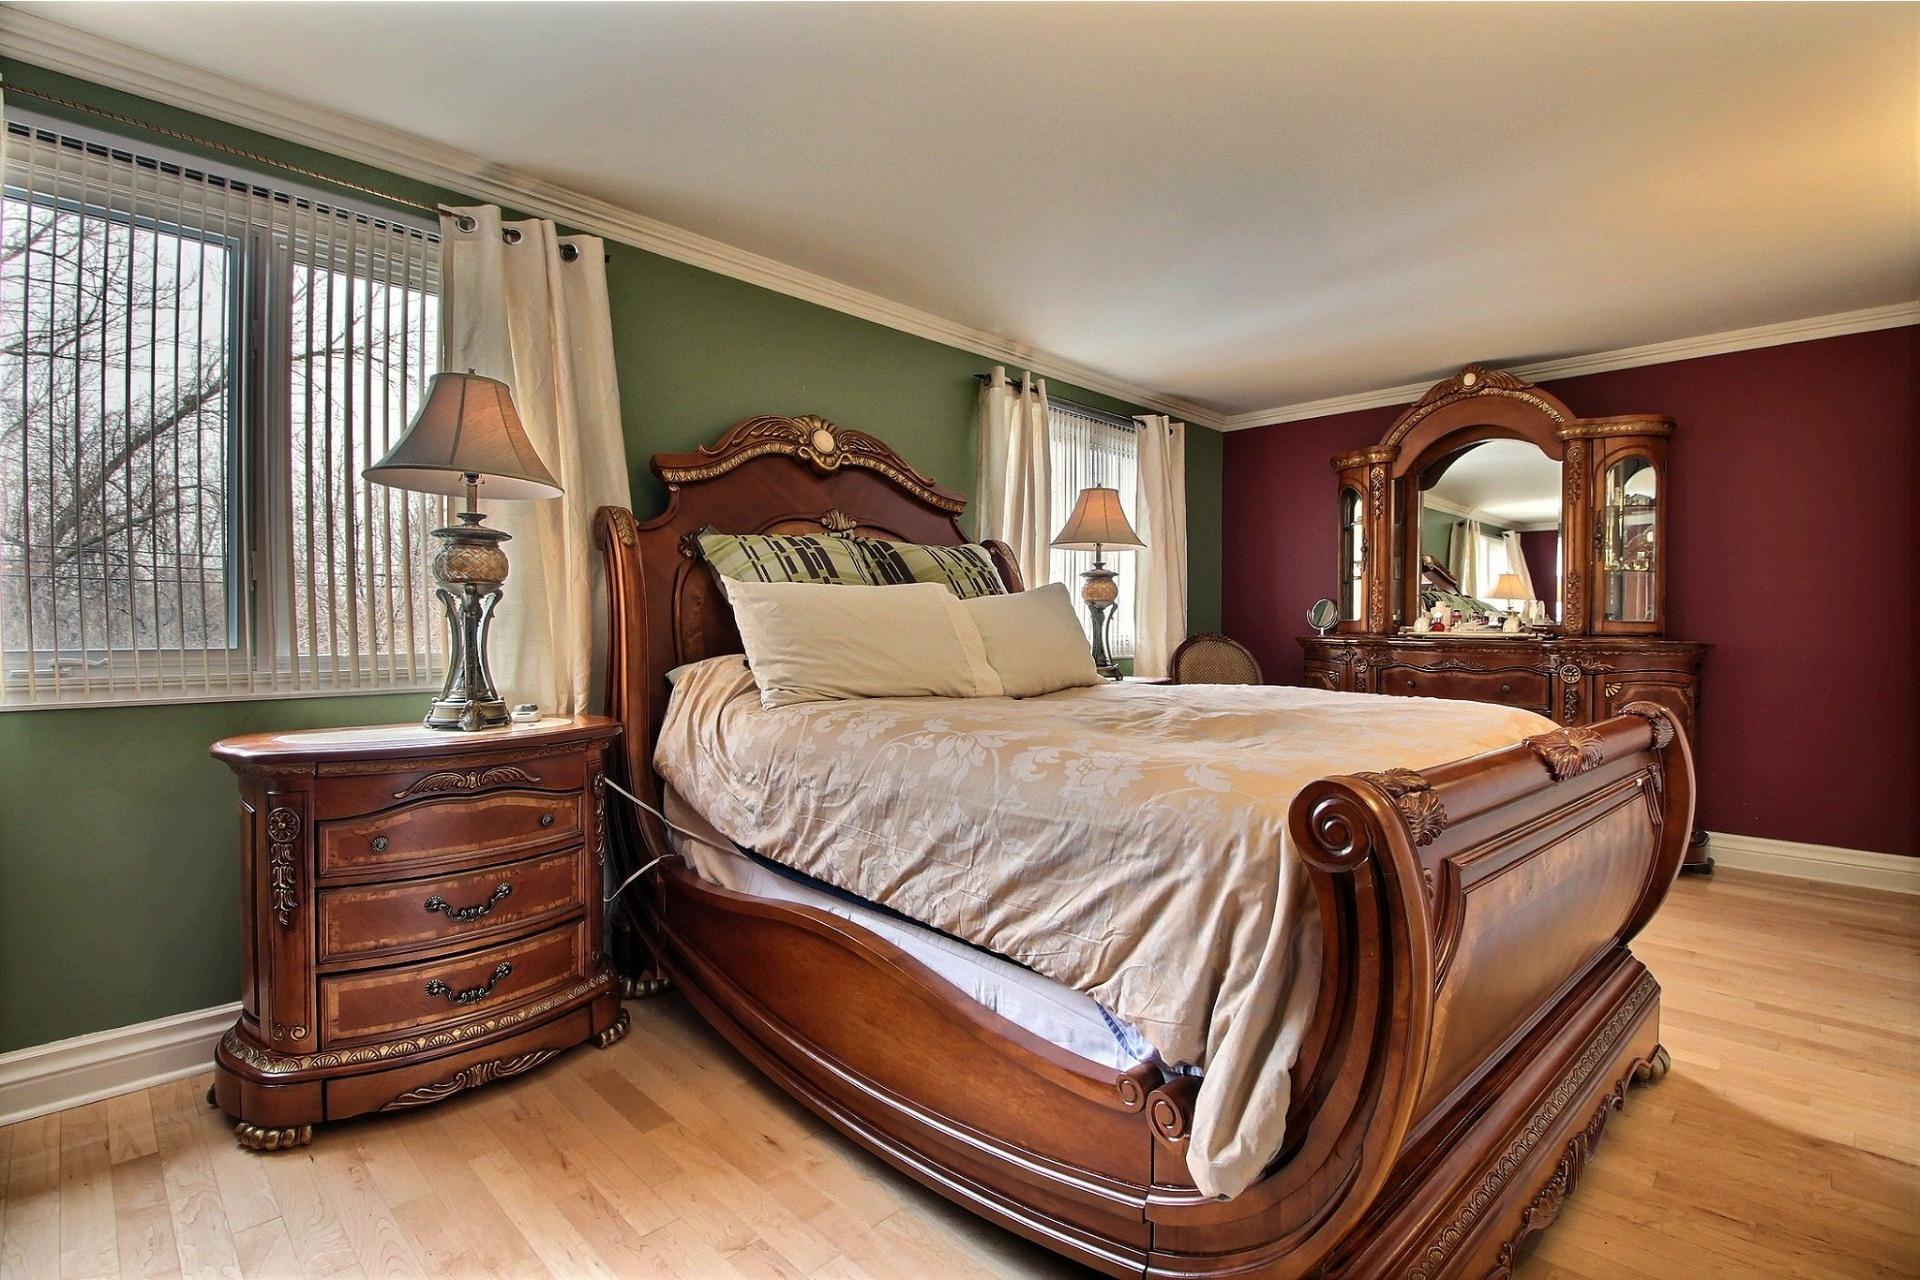 image 11 - Maison À vendre Montréal Rivière-des-Prairies/Pointe-aux-Trembles  - 8 pièces